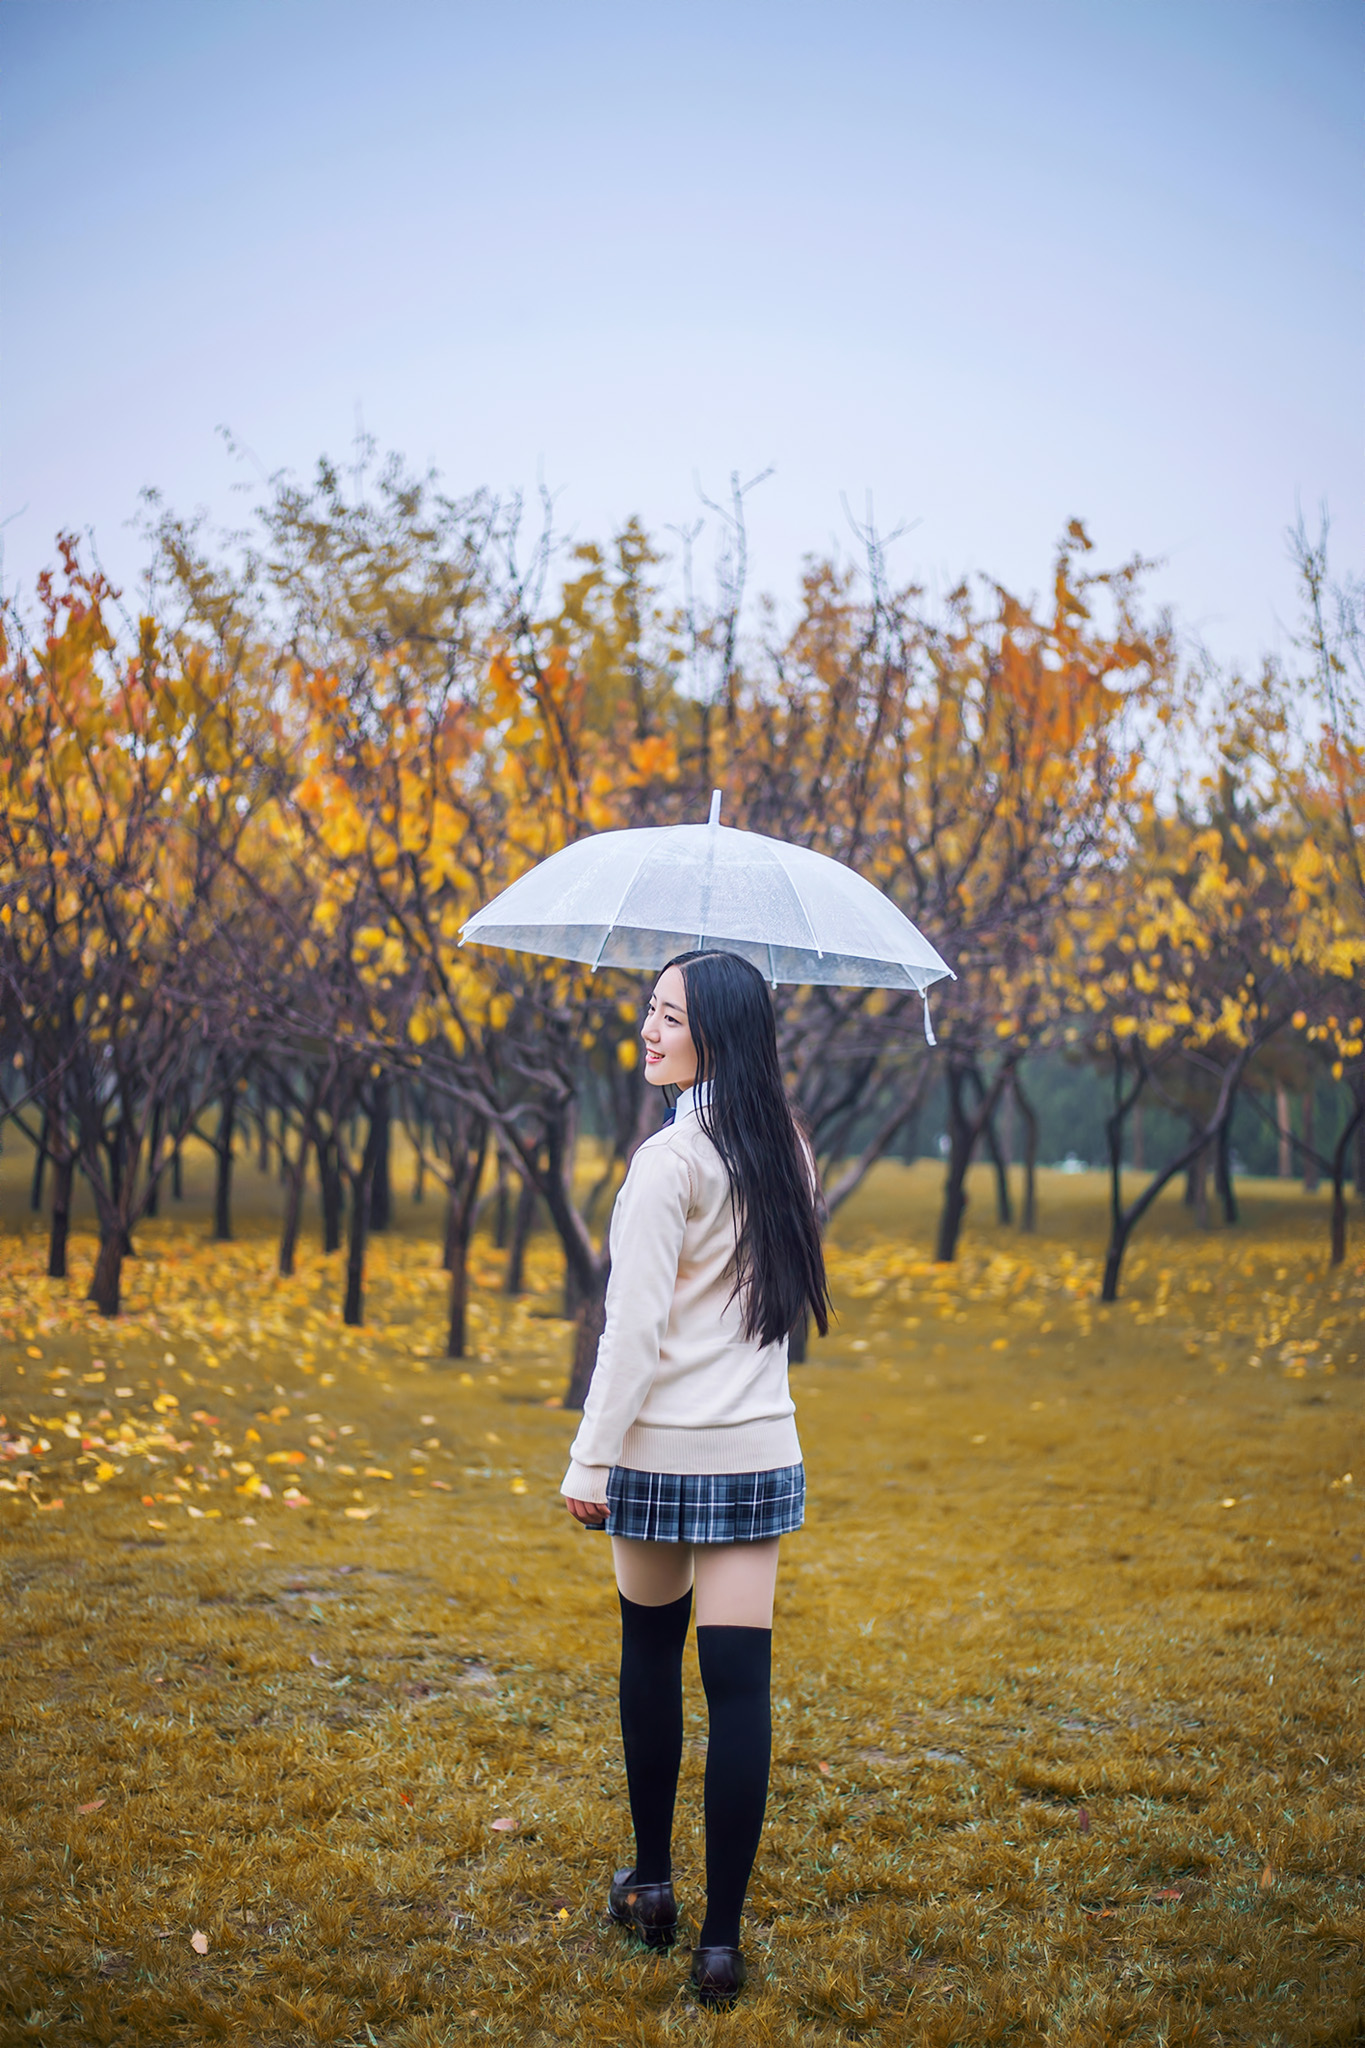 【美圖共享】◆ 下雨天